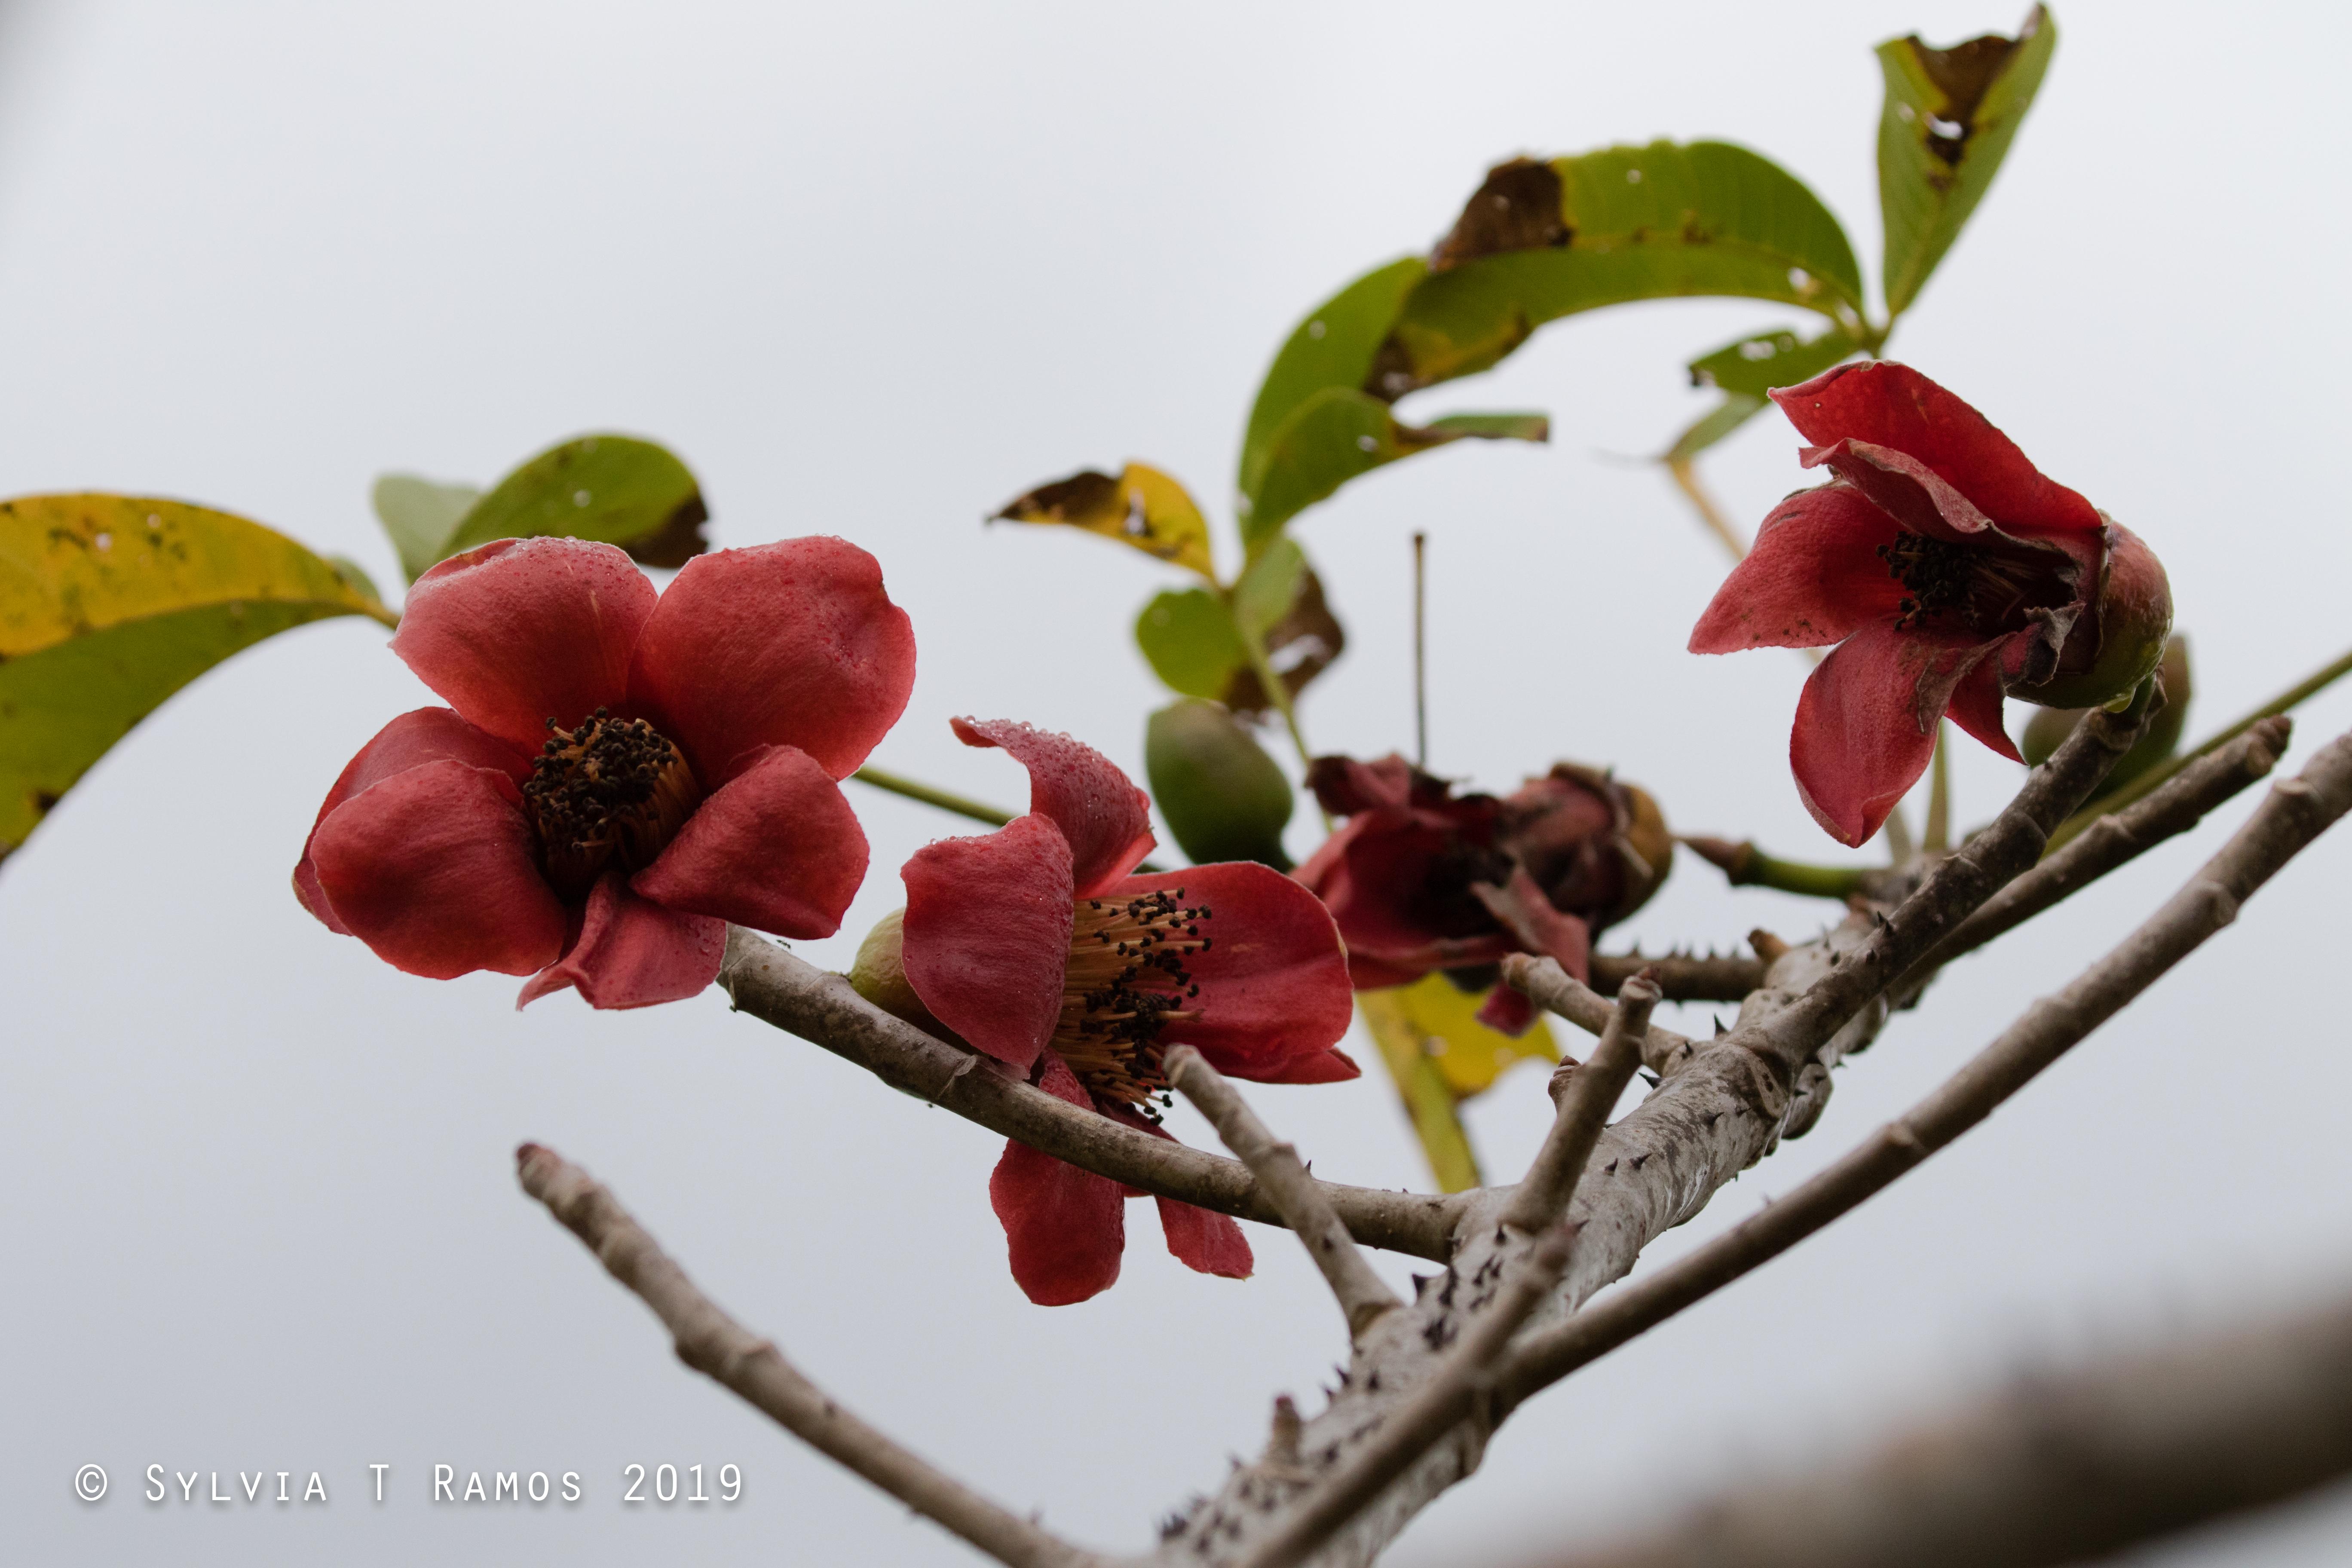 Malabulak flower